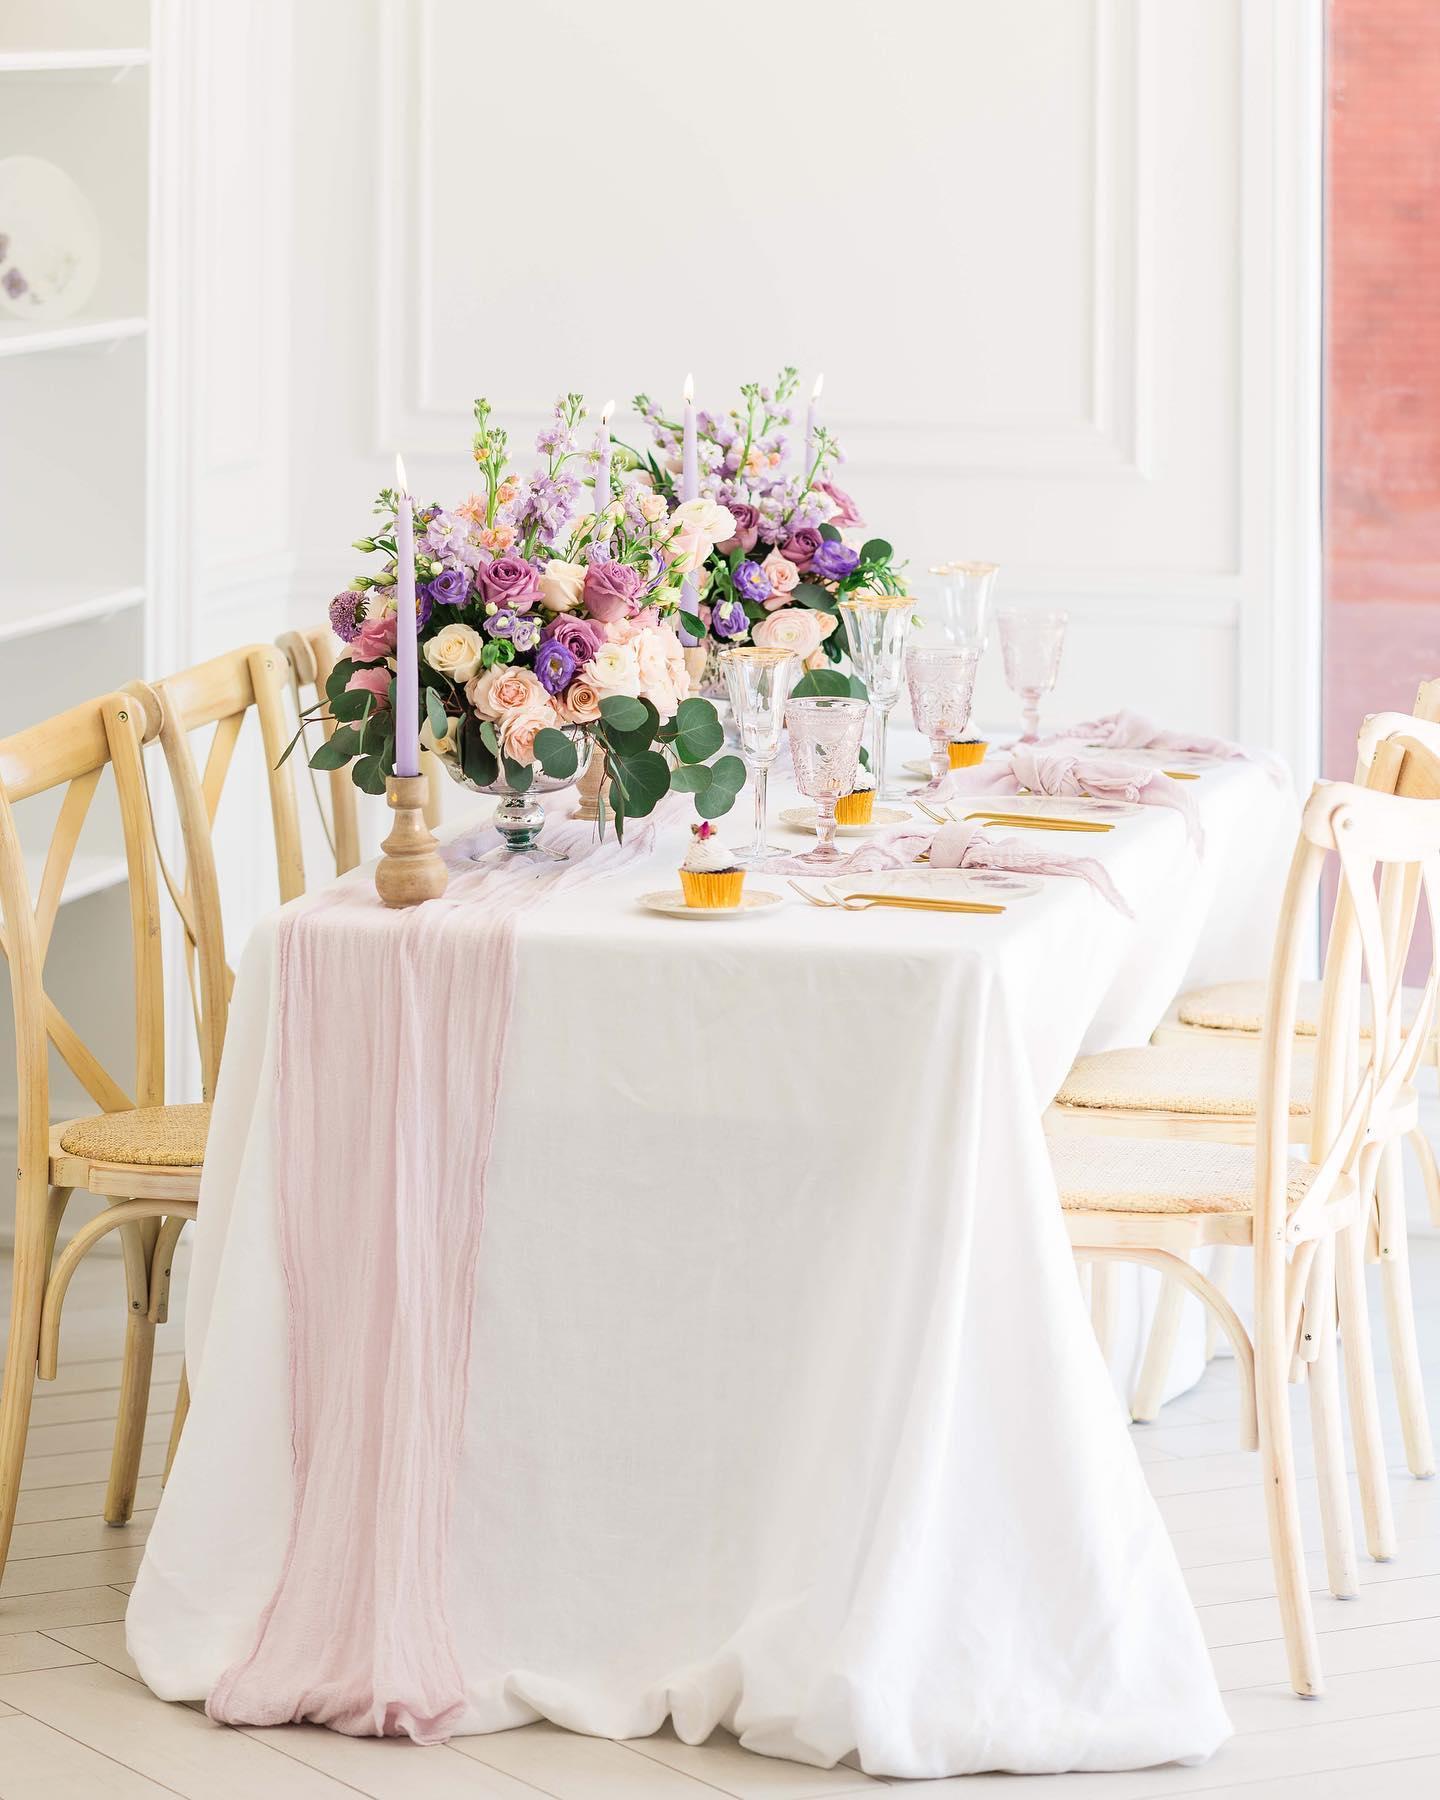 En Pointe Wedding & Events intimate wedding coordinator